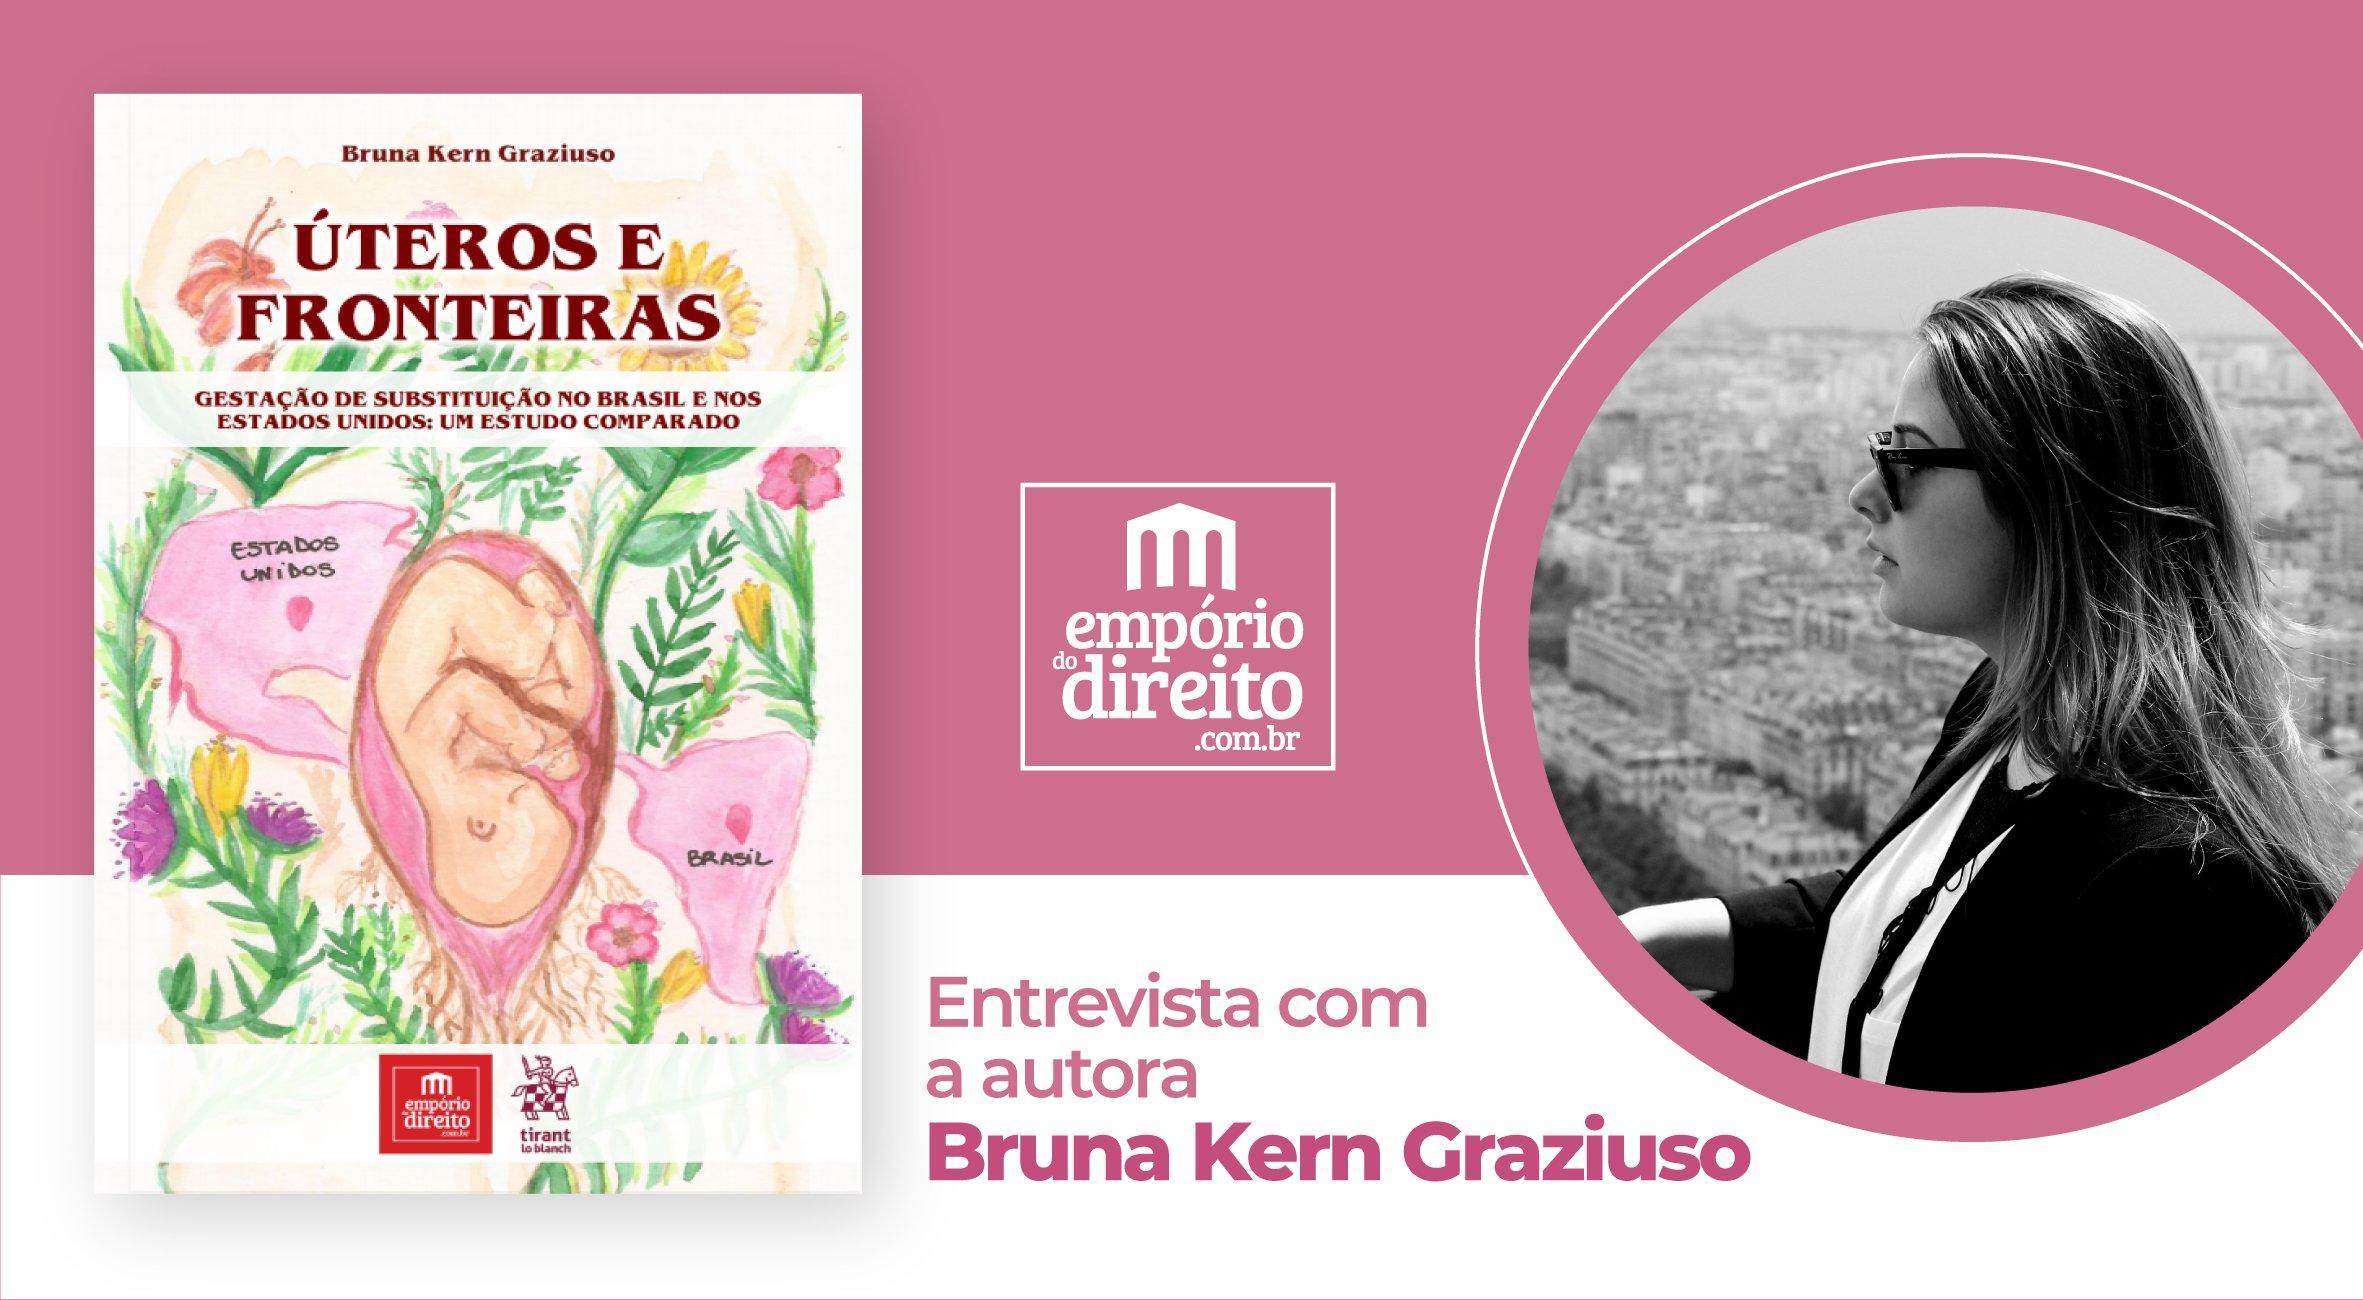 Entrevista com Bruna Kern Graziuso, autora do livro